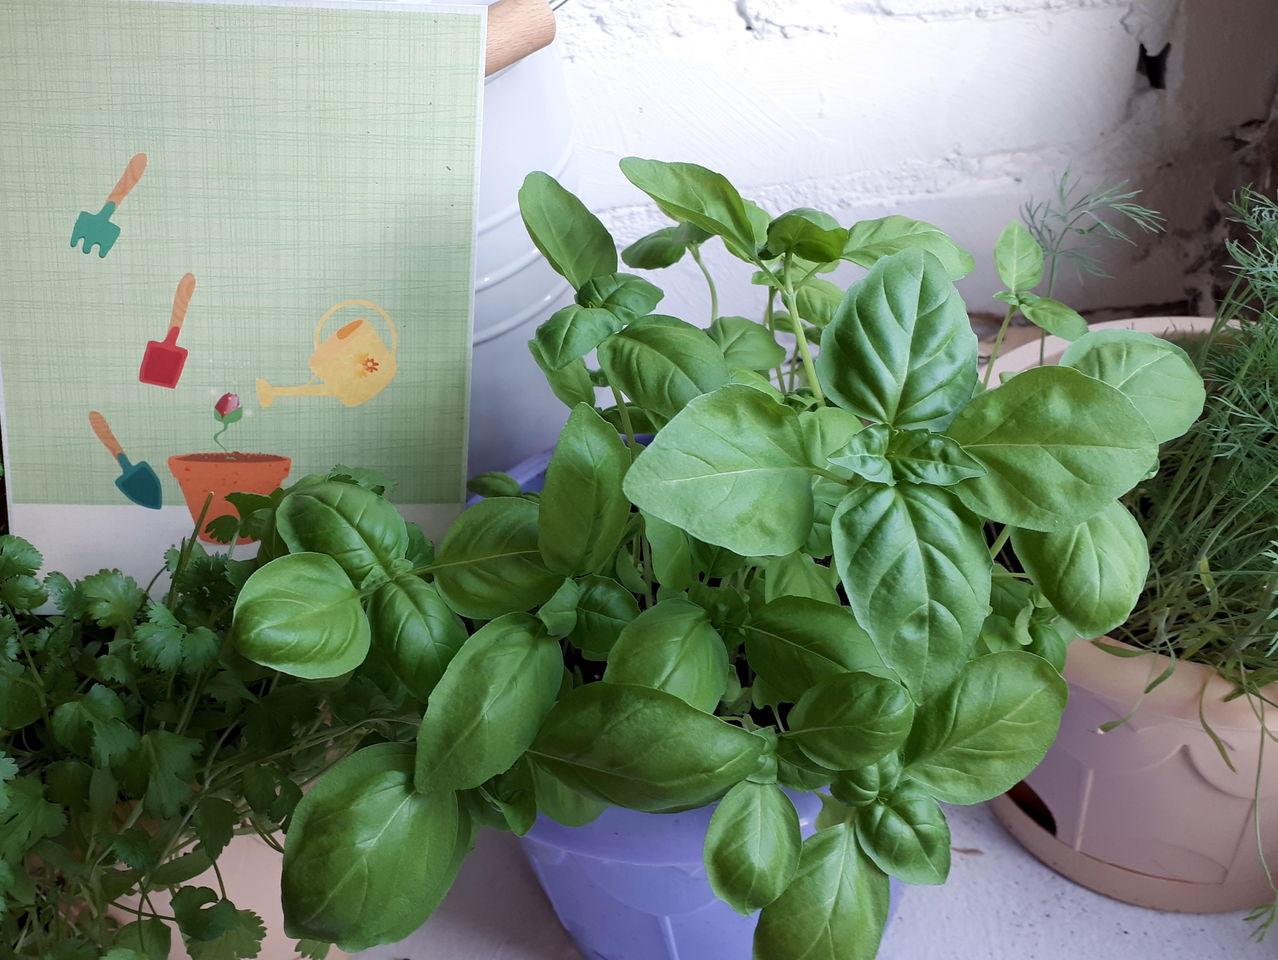 Выращивание базилика из семян на подоконнике в домашних условиях